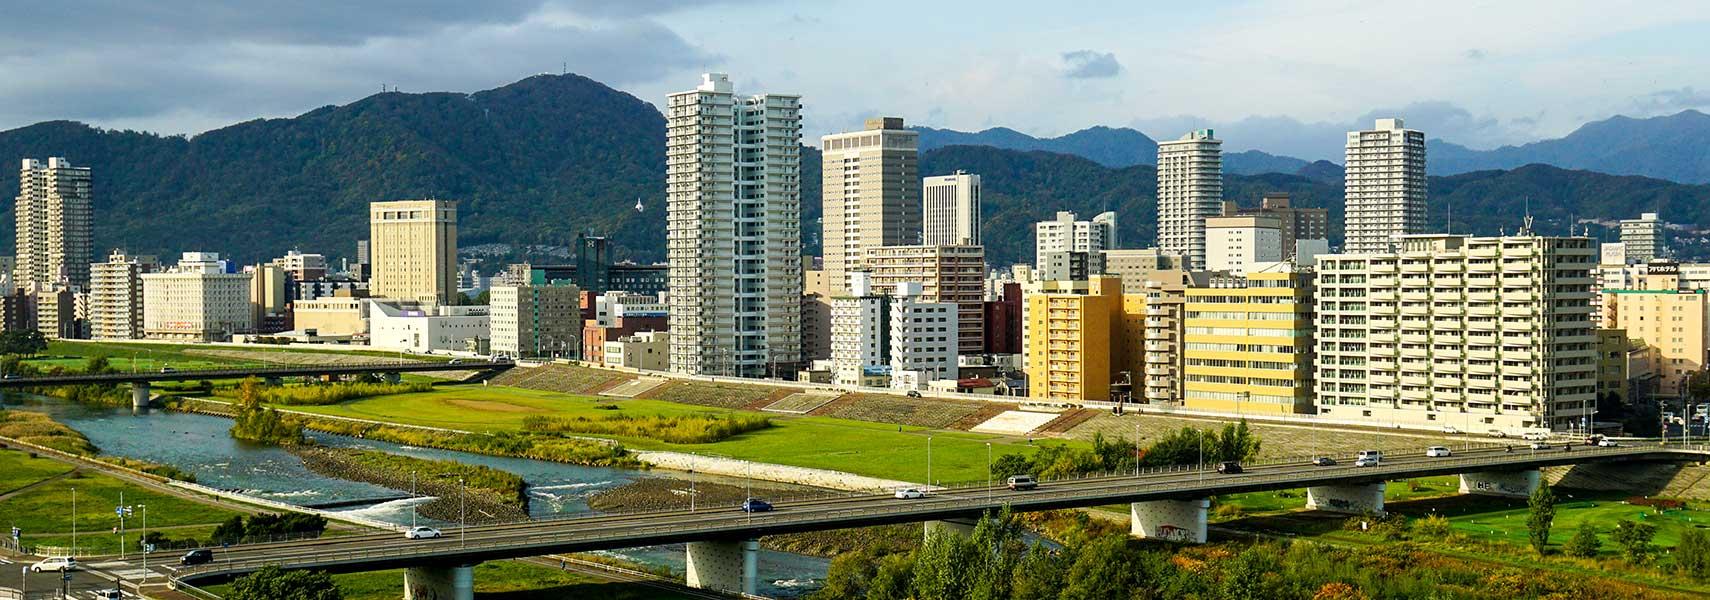 Sapporo-Hokkaido-Japan-skyline.jpg